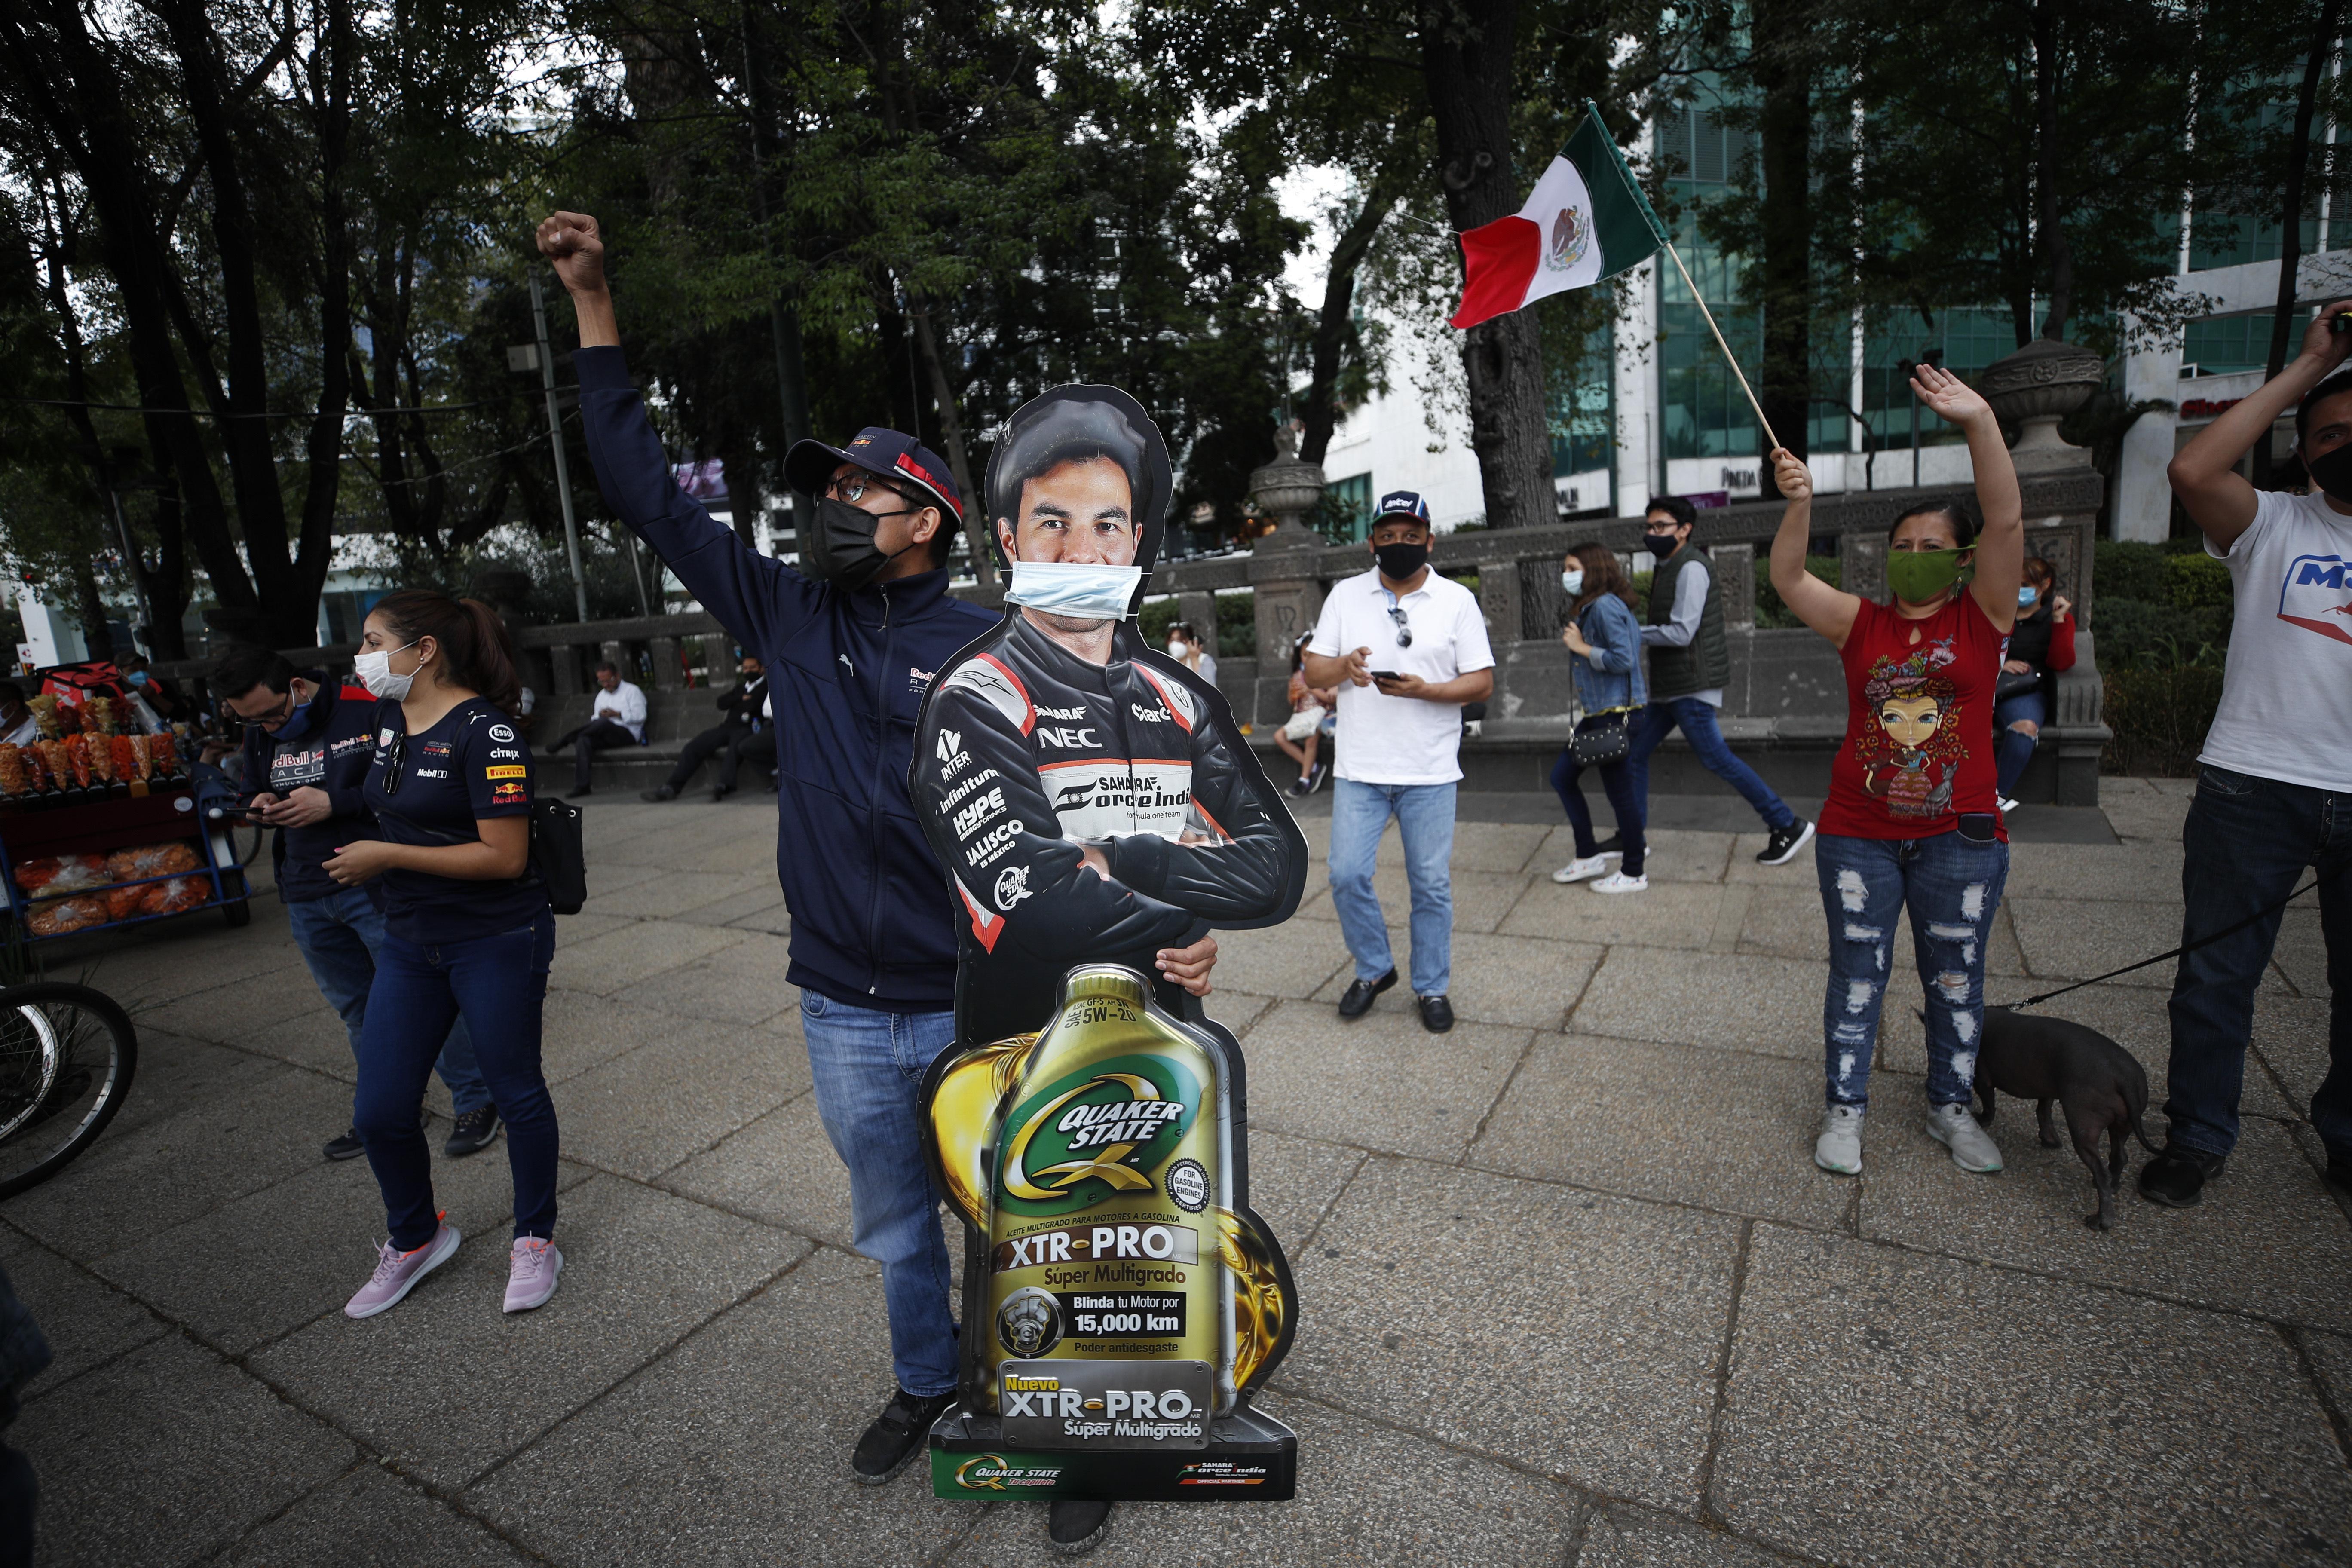 Un hombre sostiene un cartón promocional de Sergio